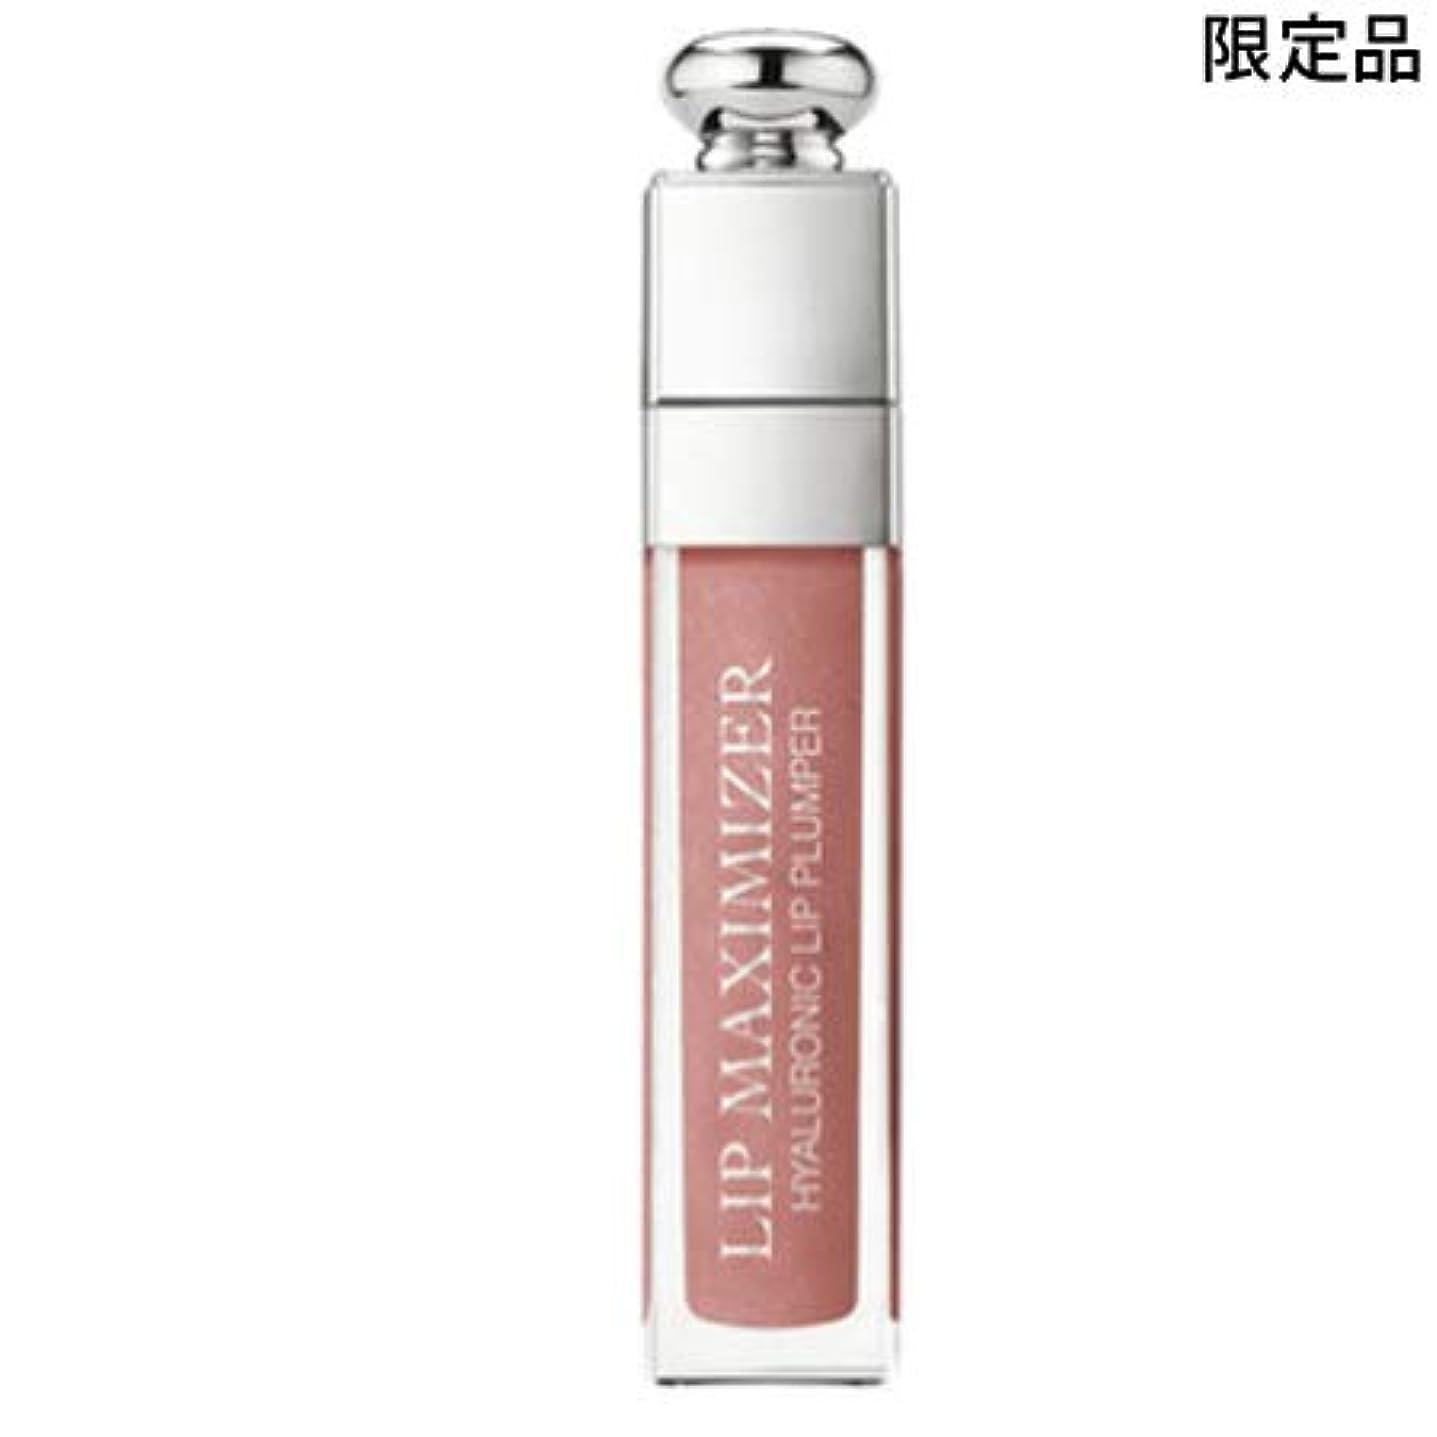 対象りんご金銭的Dior(ディオール) アディクト リップ マキシマイザー #012 ローズウッド 限定色